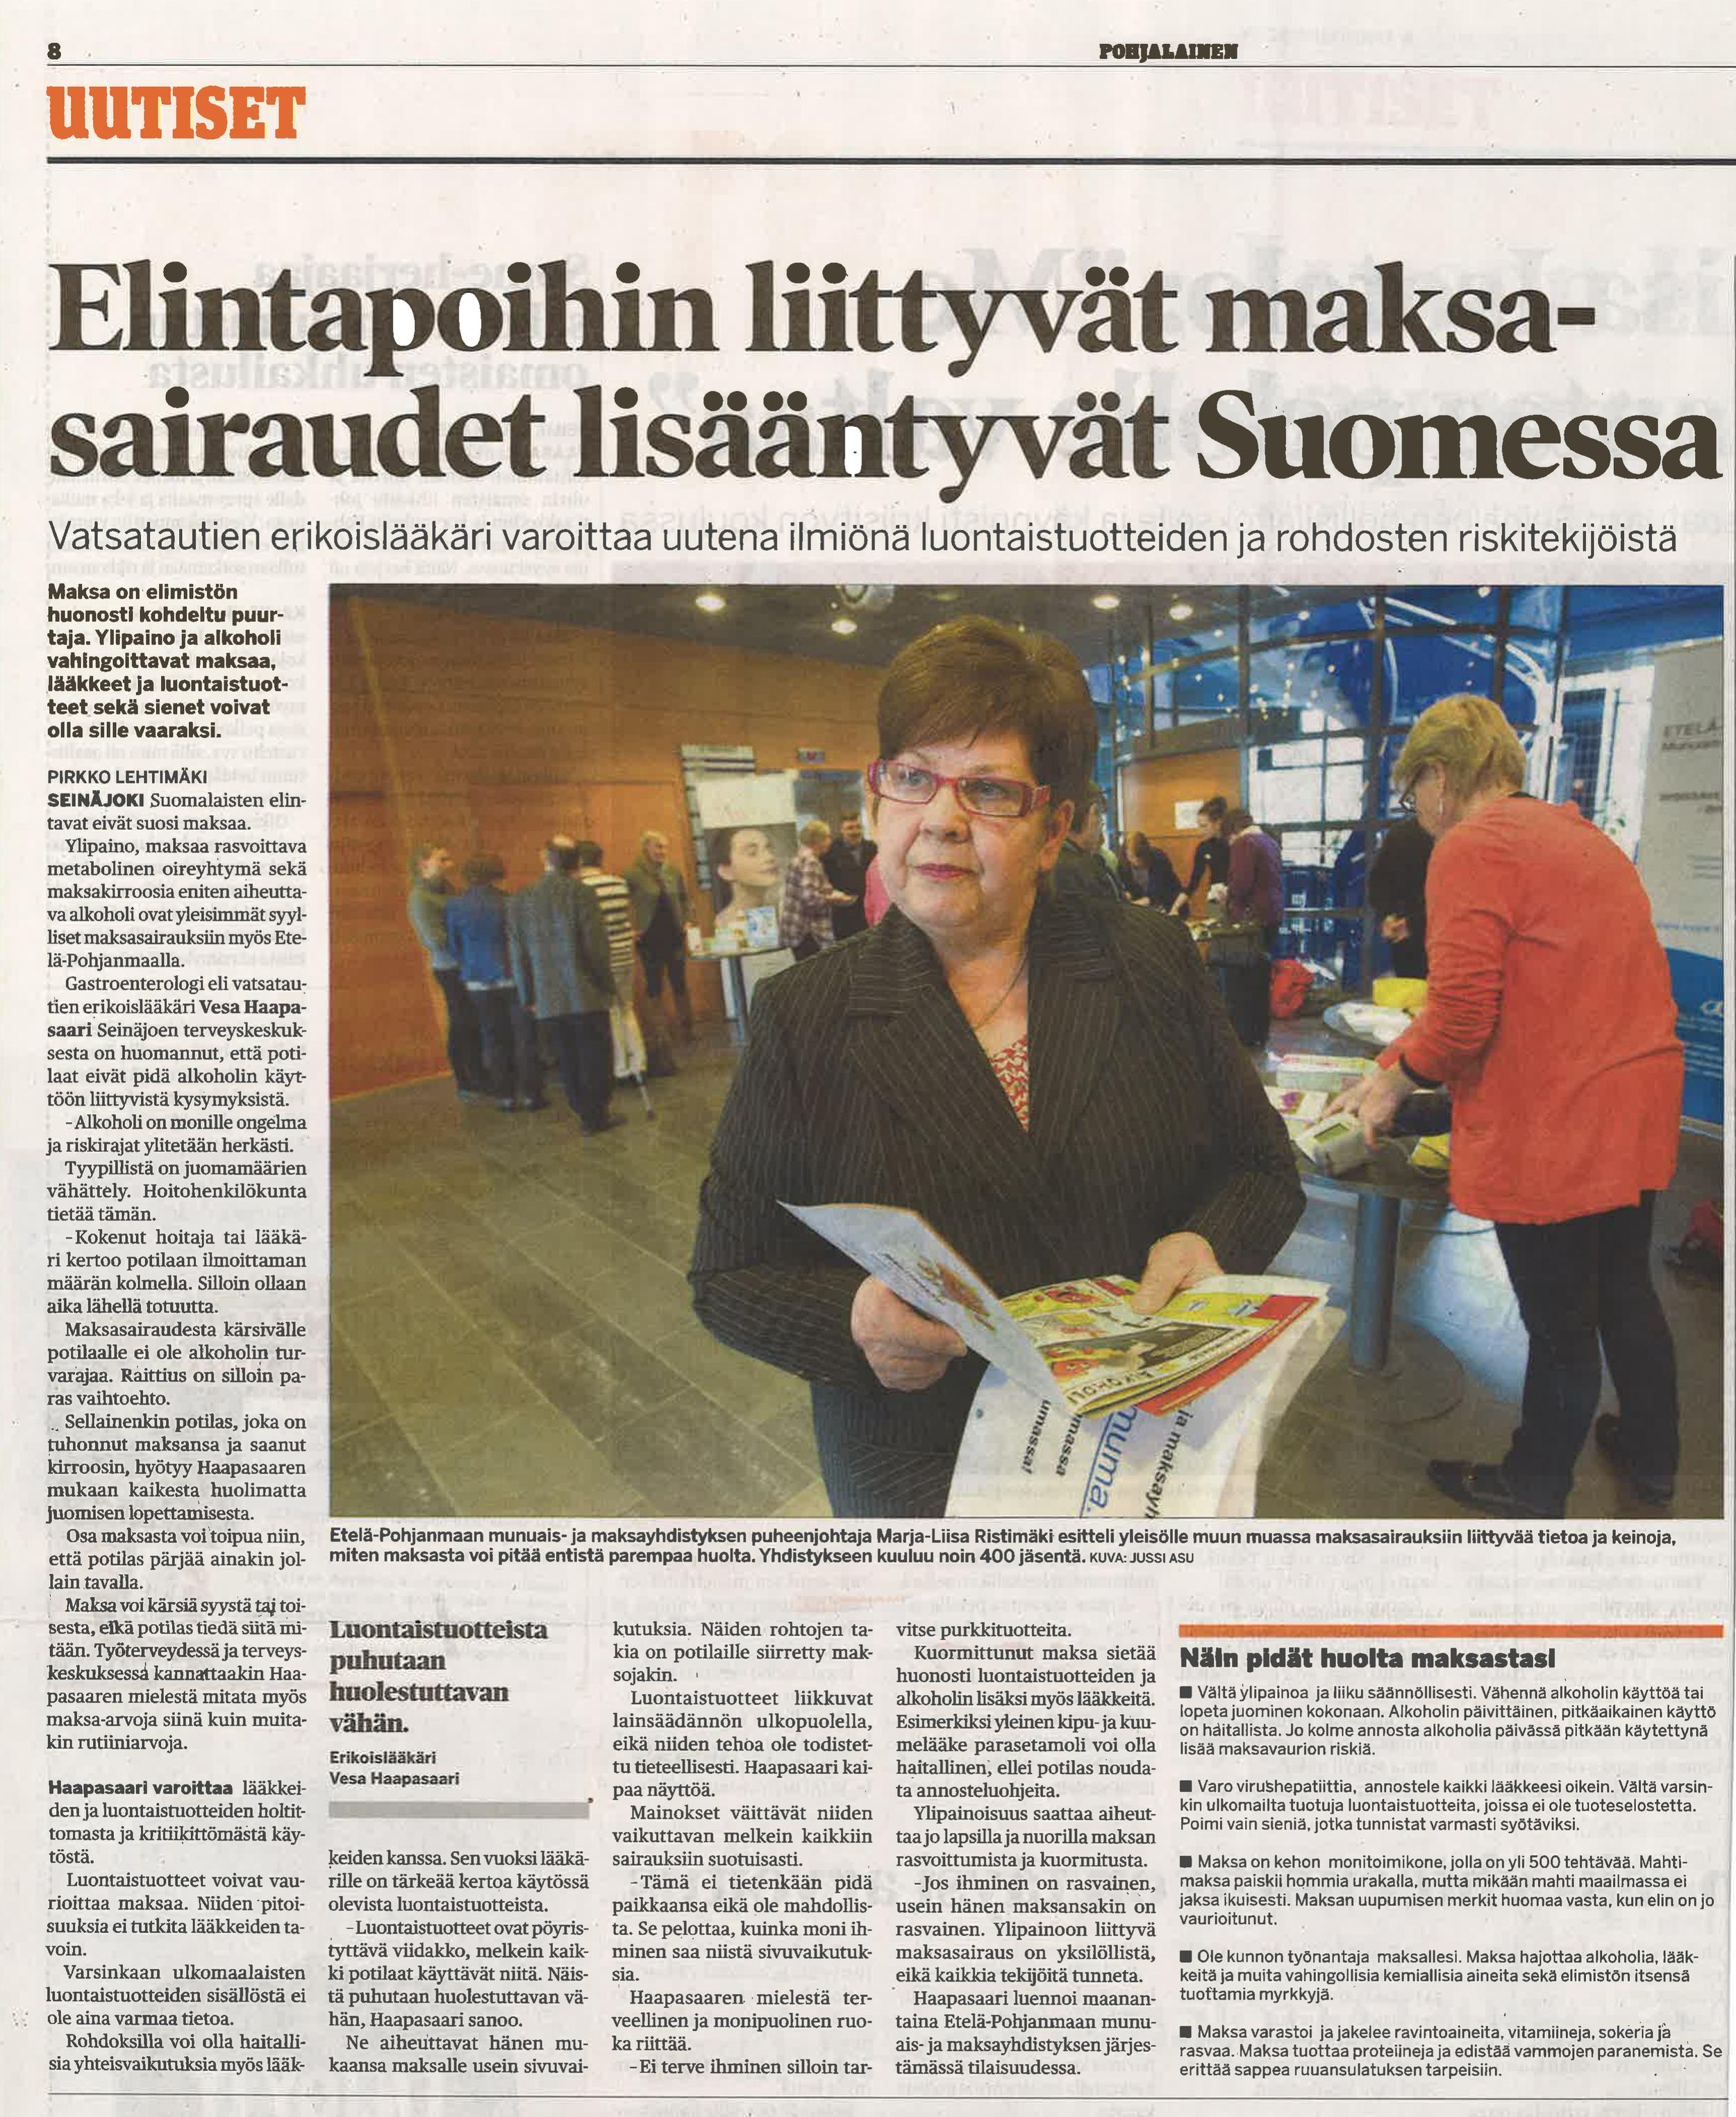 Epäasiallista ja virheellistä tietoa  Pohjalainen-lehdessä 6.5.